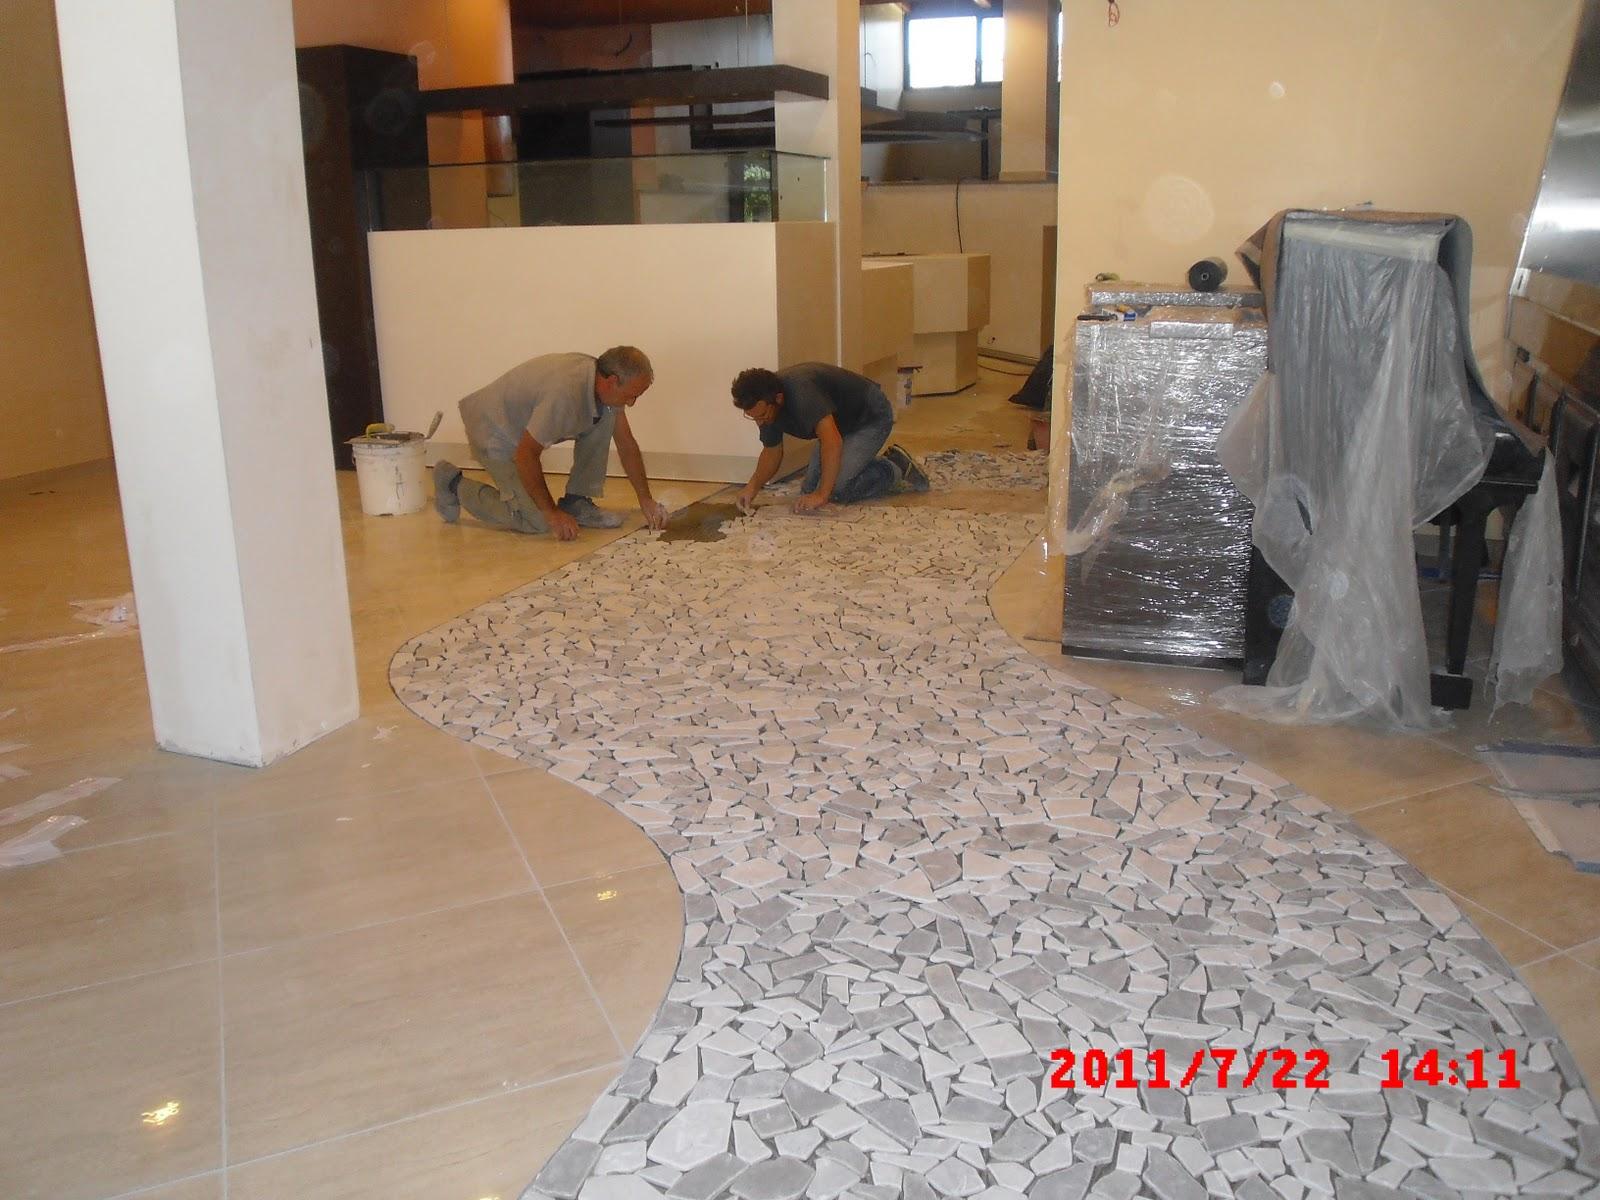 Nuovi pavimenti e rivestimenti in gres porcellanato in ristorante